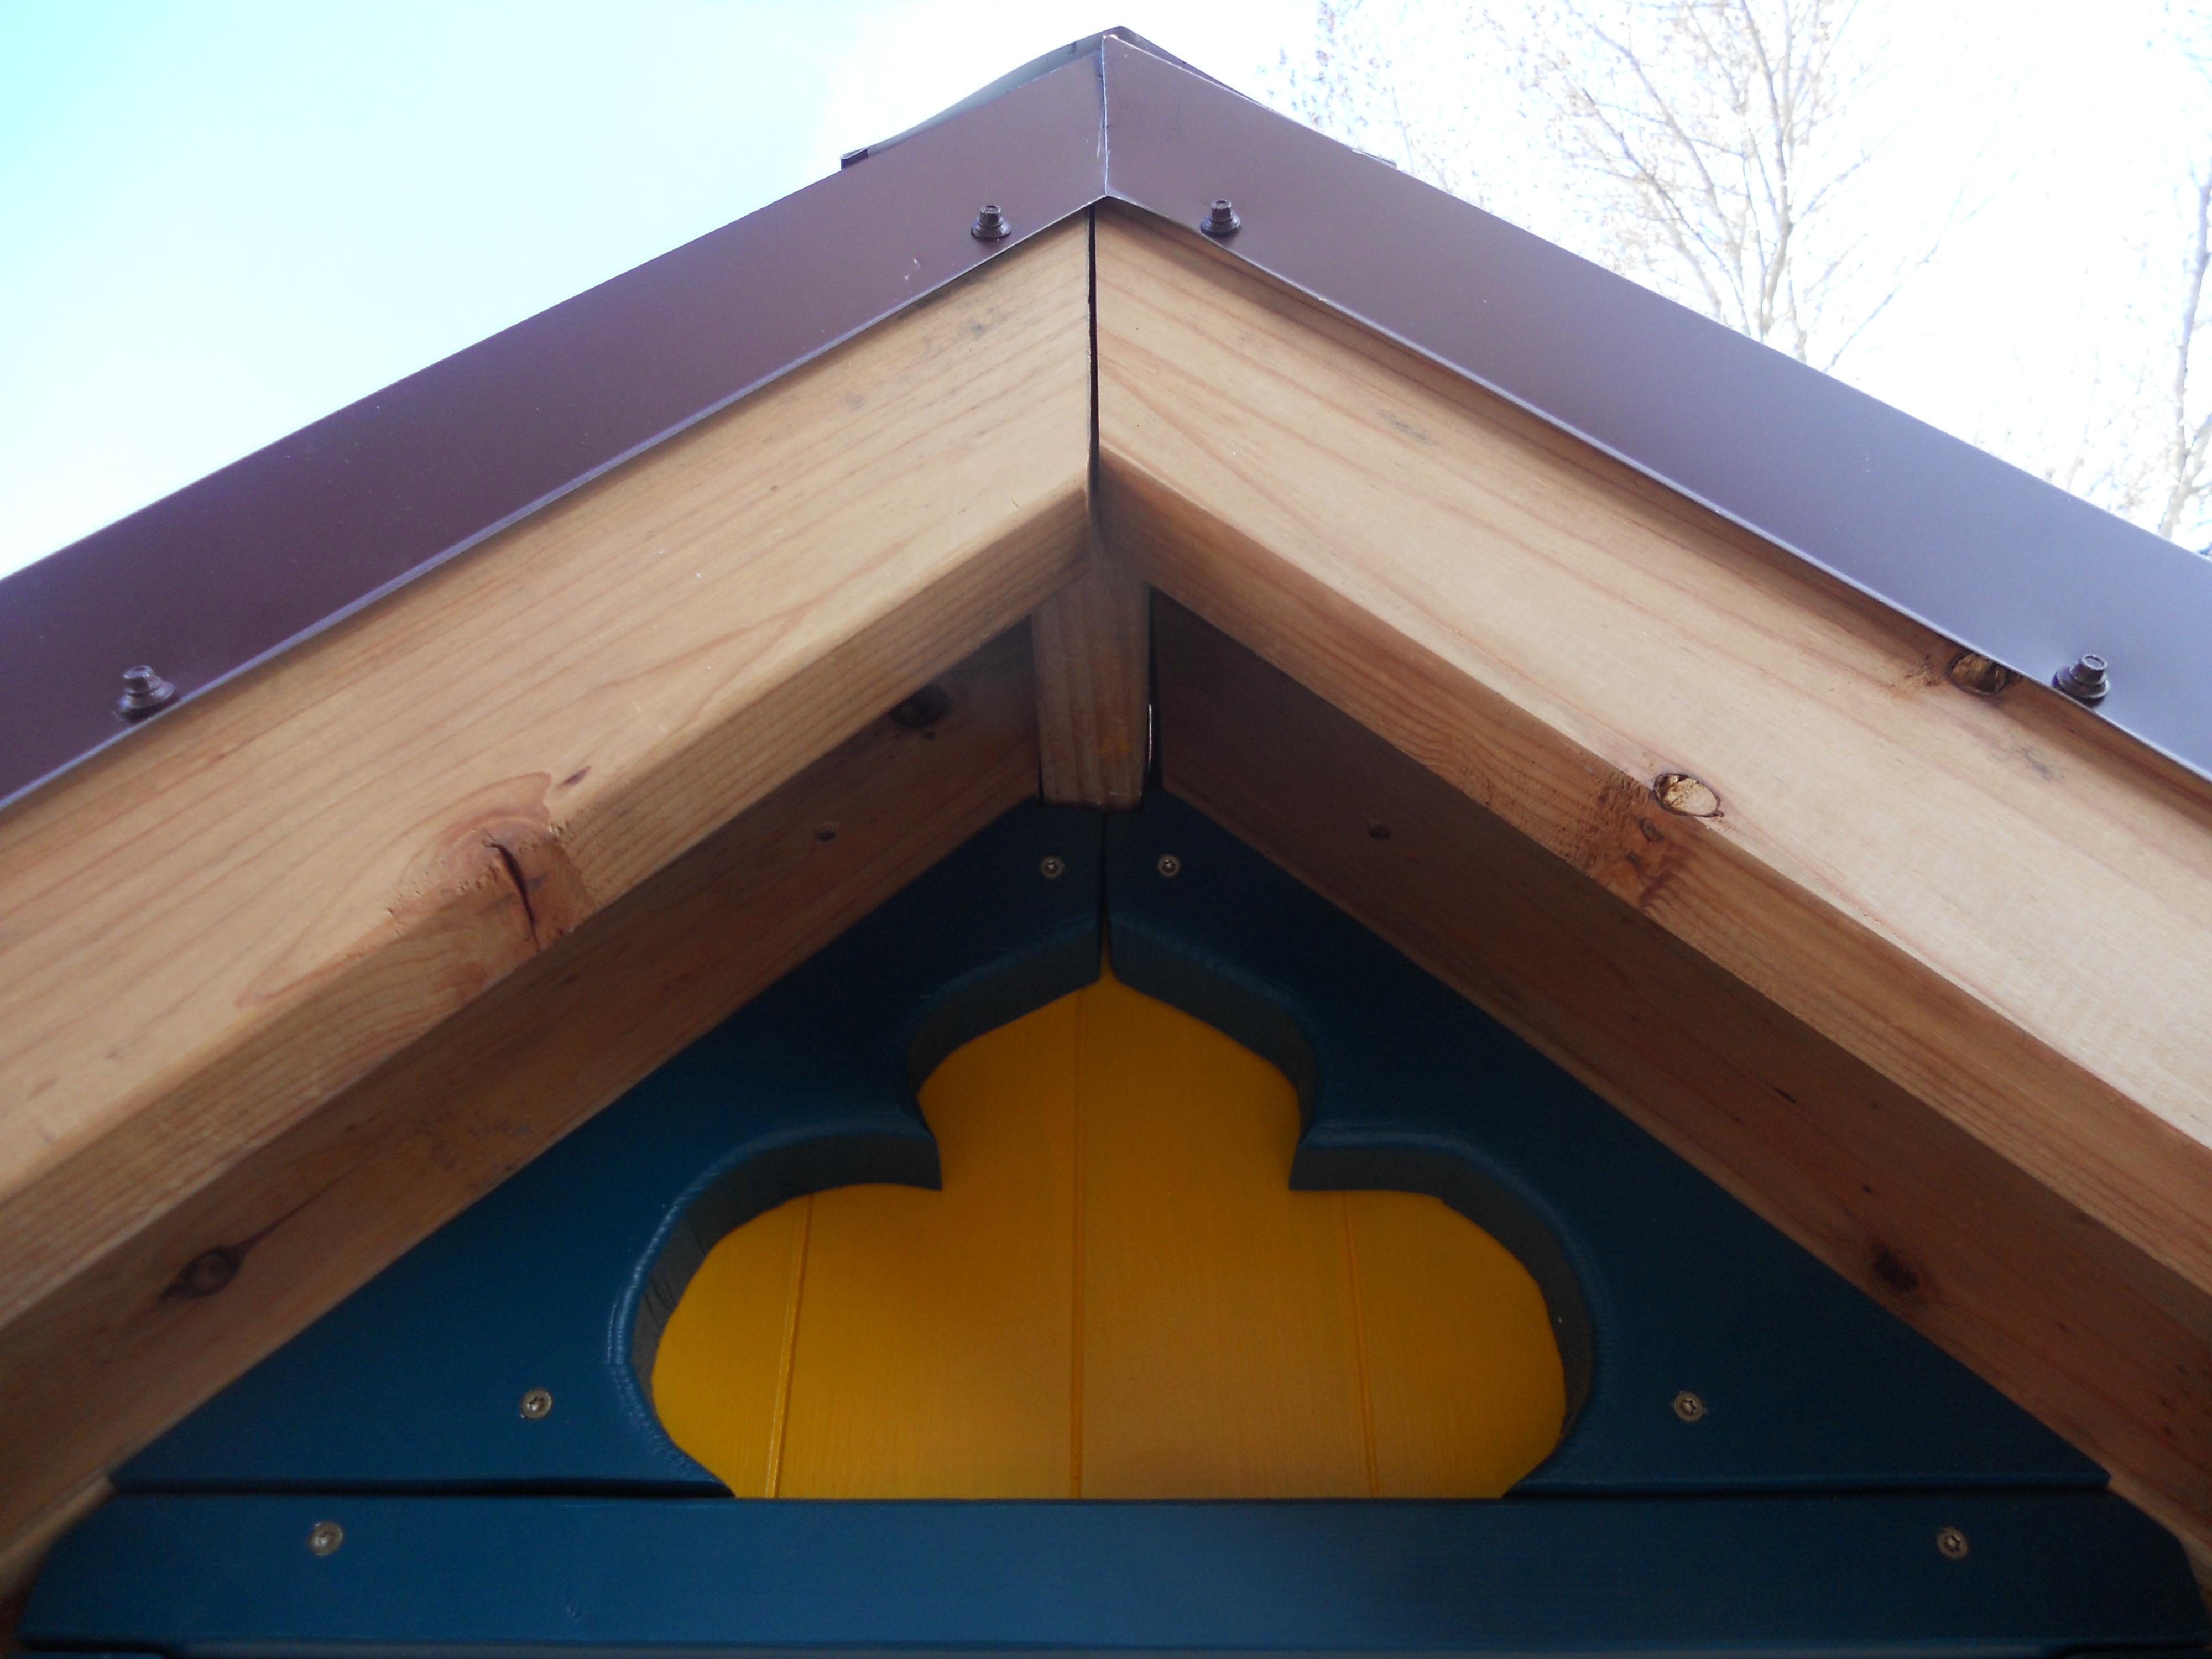 Roof | littleyellowdoor